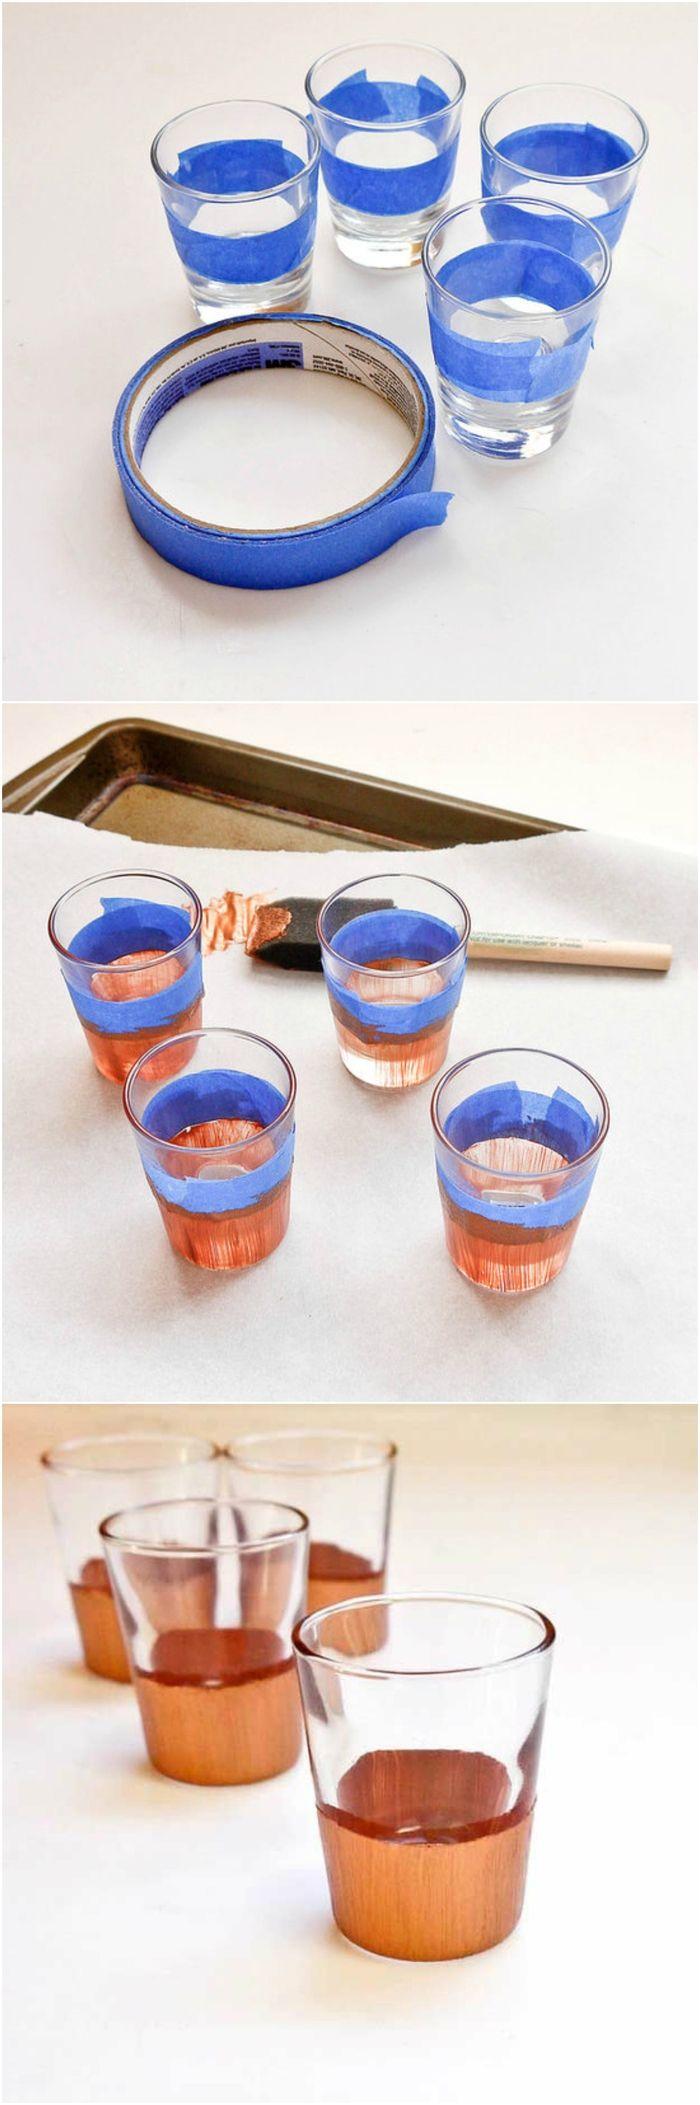 des verres à shooter personnalisée avec de la peinture cuivre pour un rendu élégant, idée géniale pour cadeau de noel pour homme